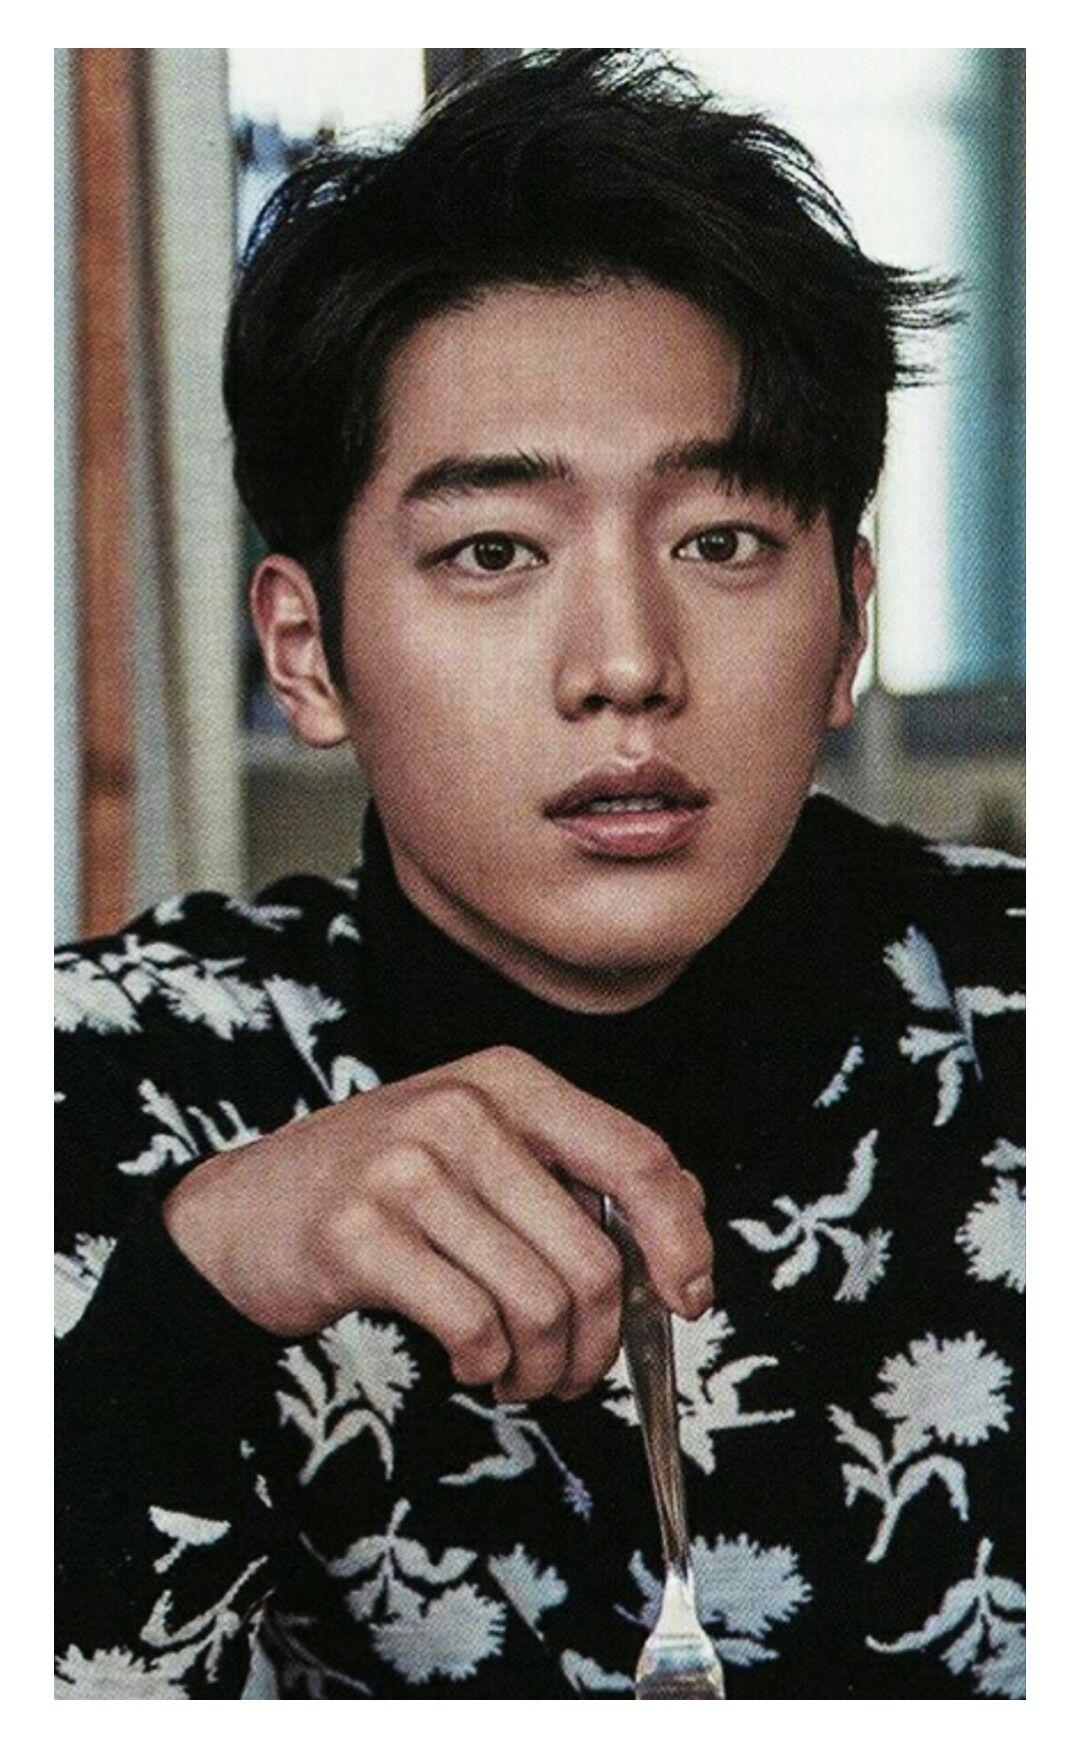 Pin by Ommalicious Me on my kind of man ❤ | Seo kang joon, Korean ...